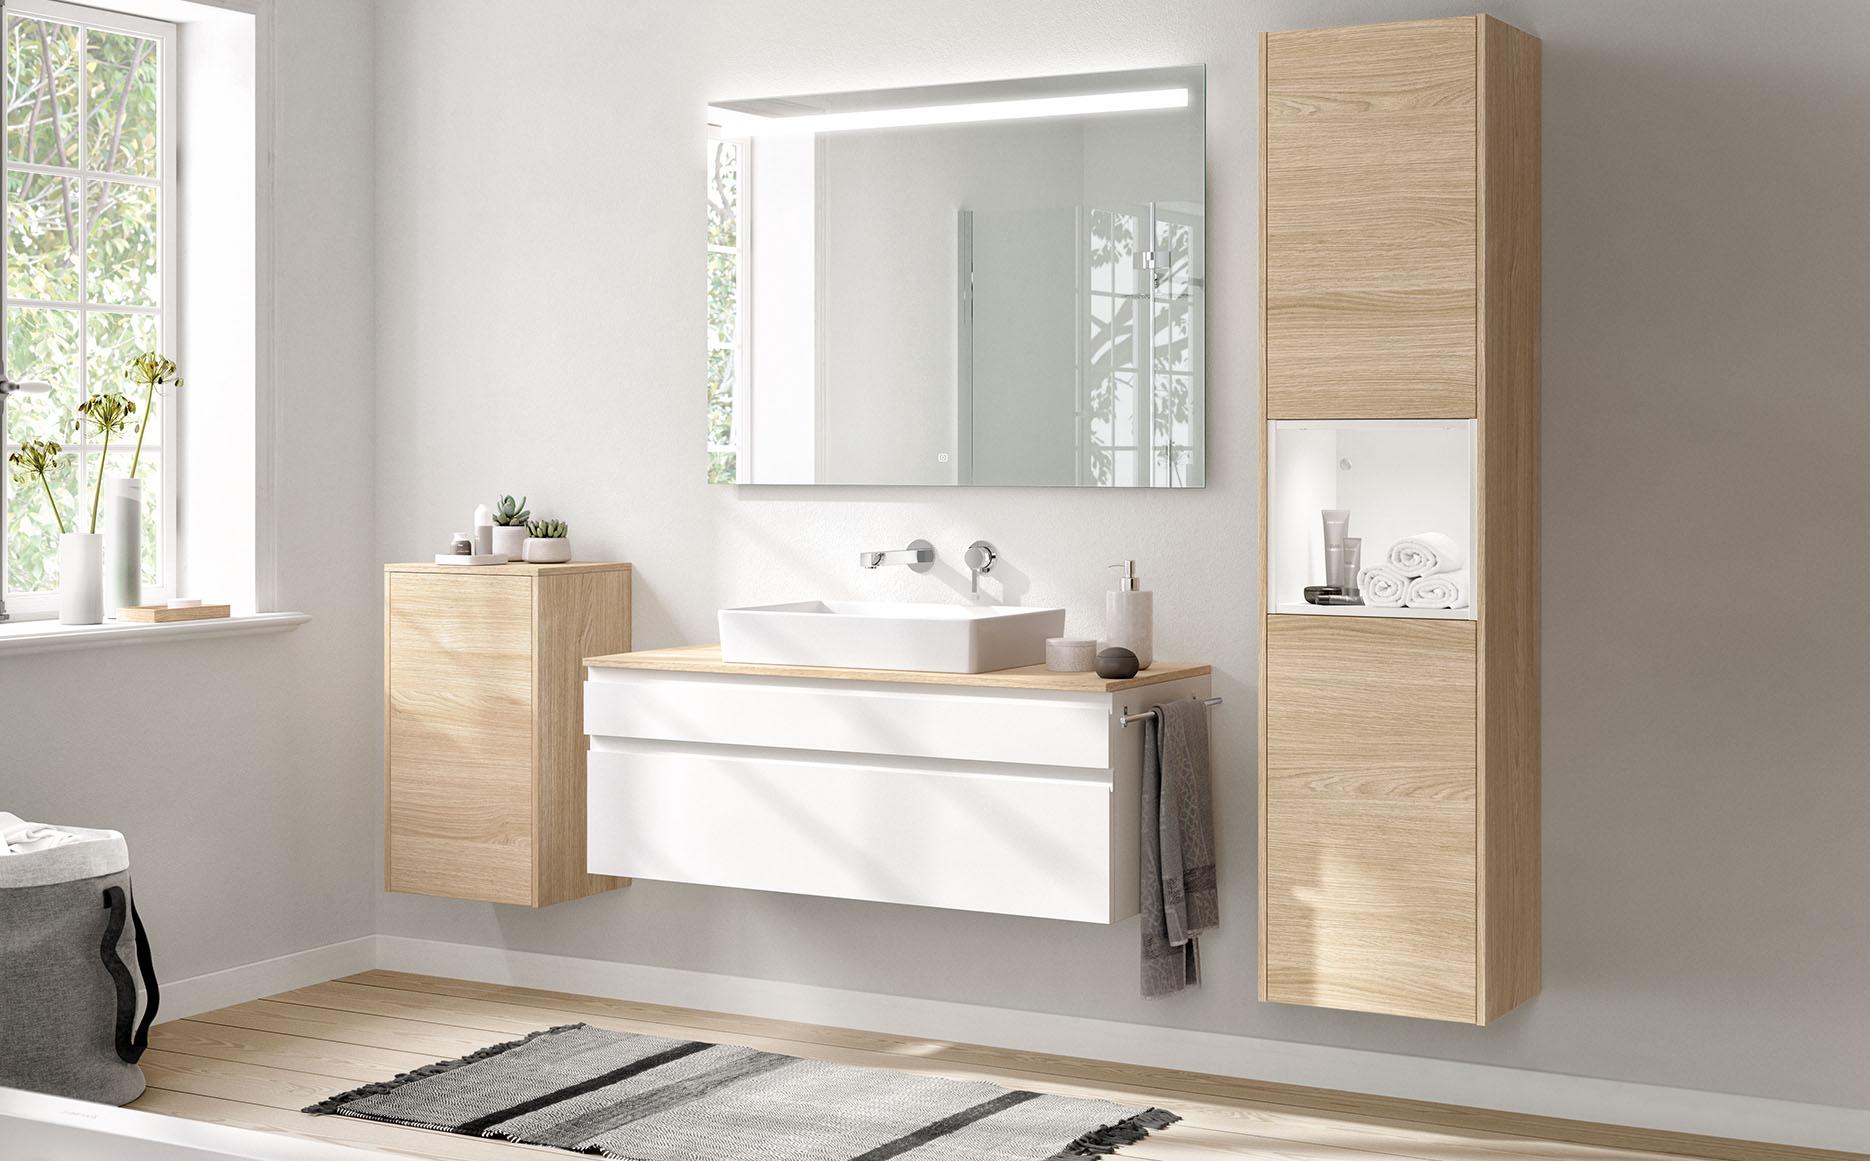 Salle de bain modèle Linea-Bath par ECOCUISINE